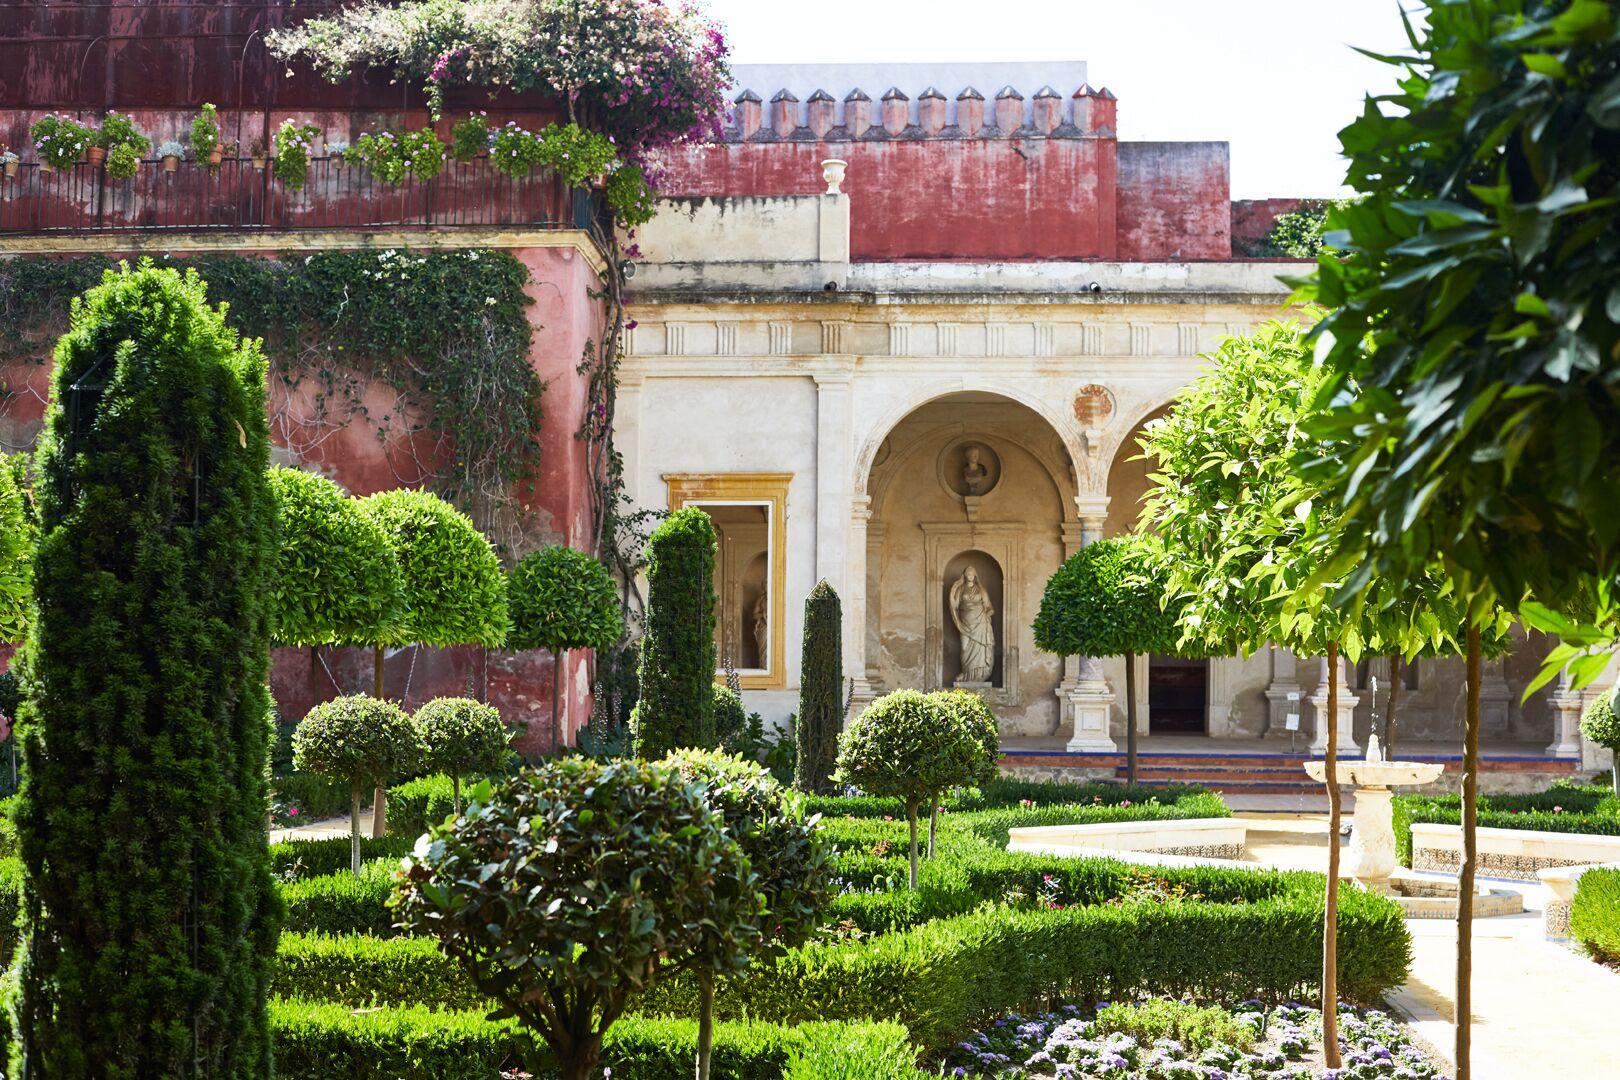 Seville, Andalucia: Royal Alcazar gardens